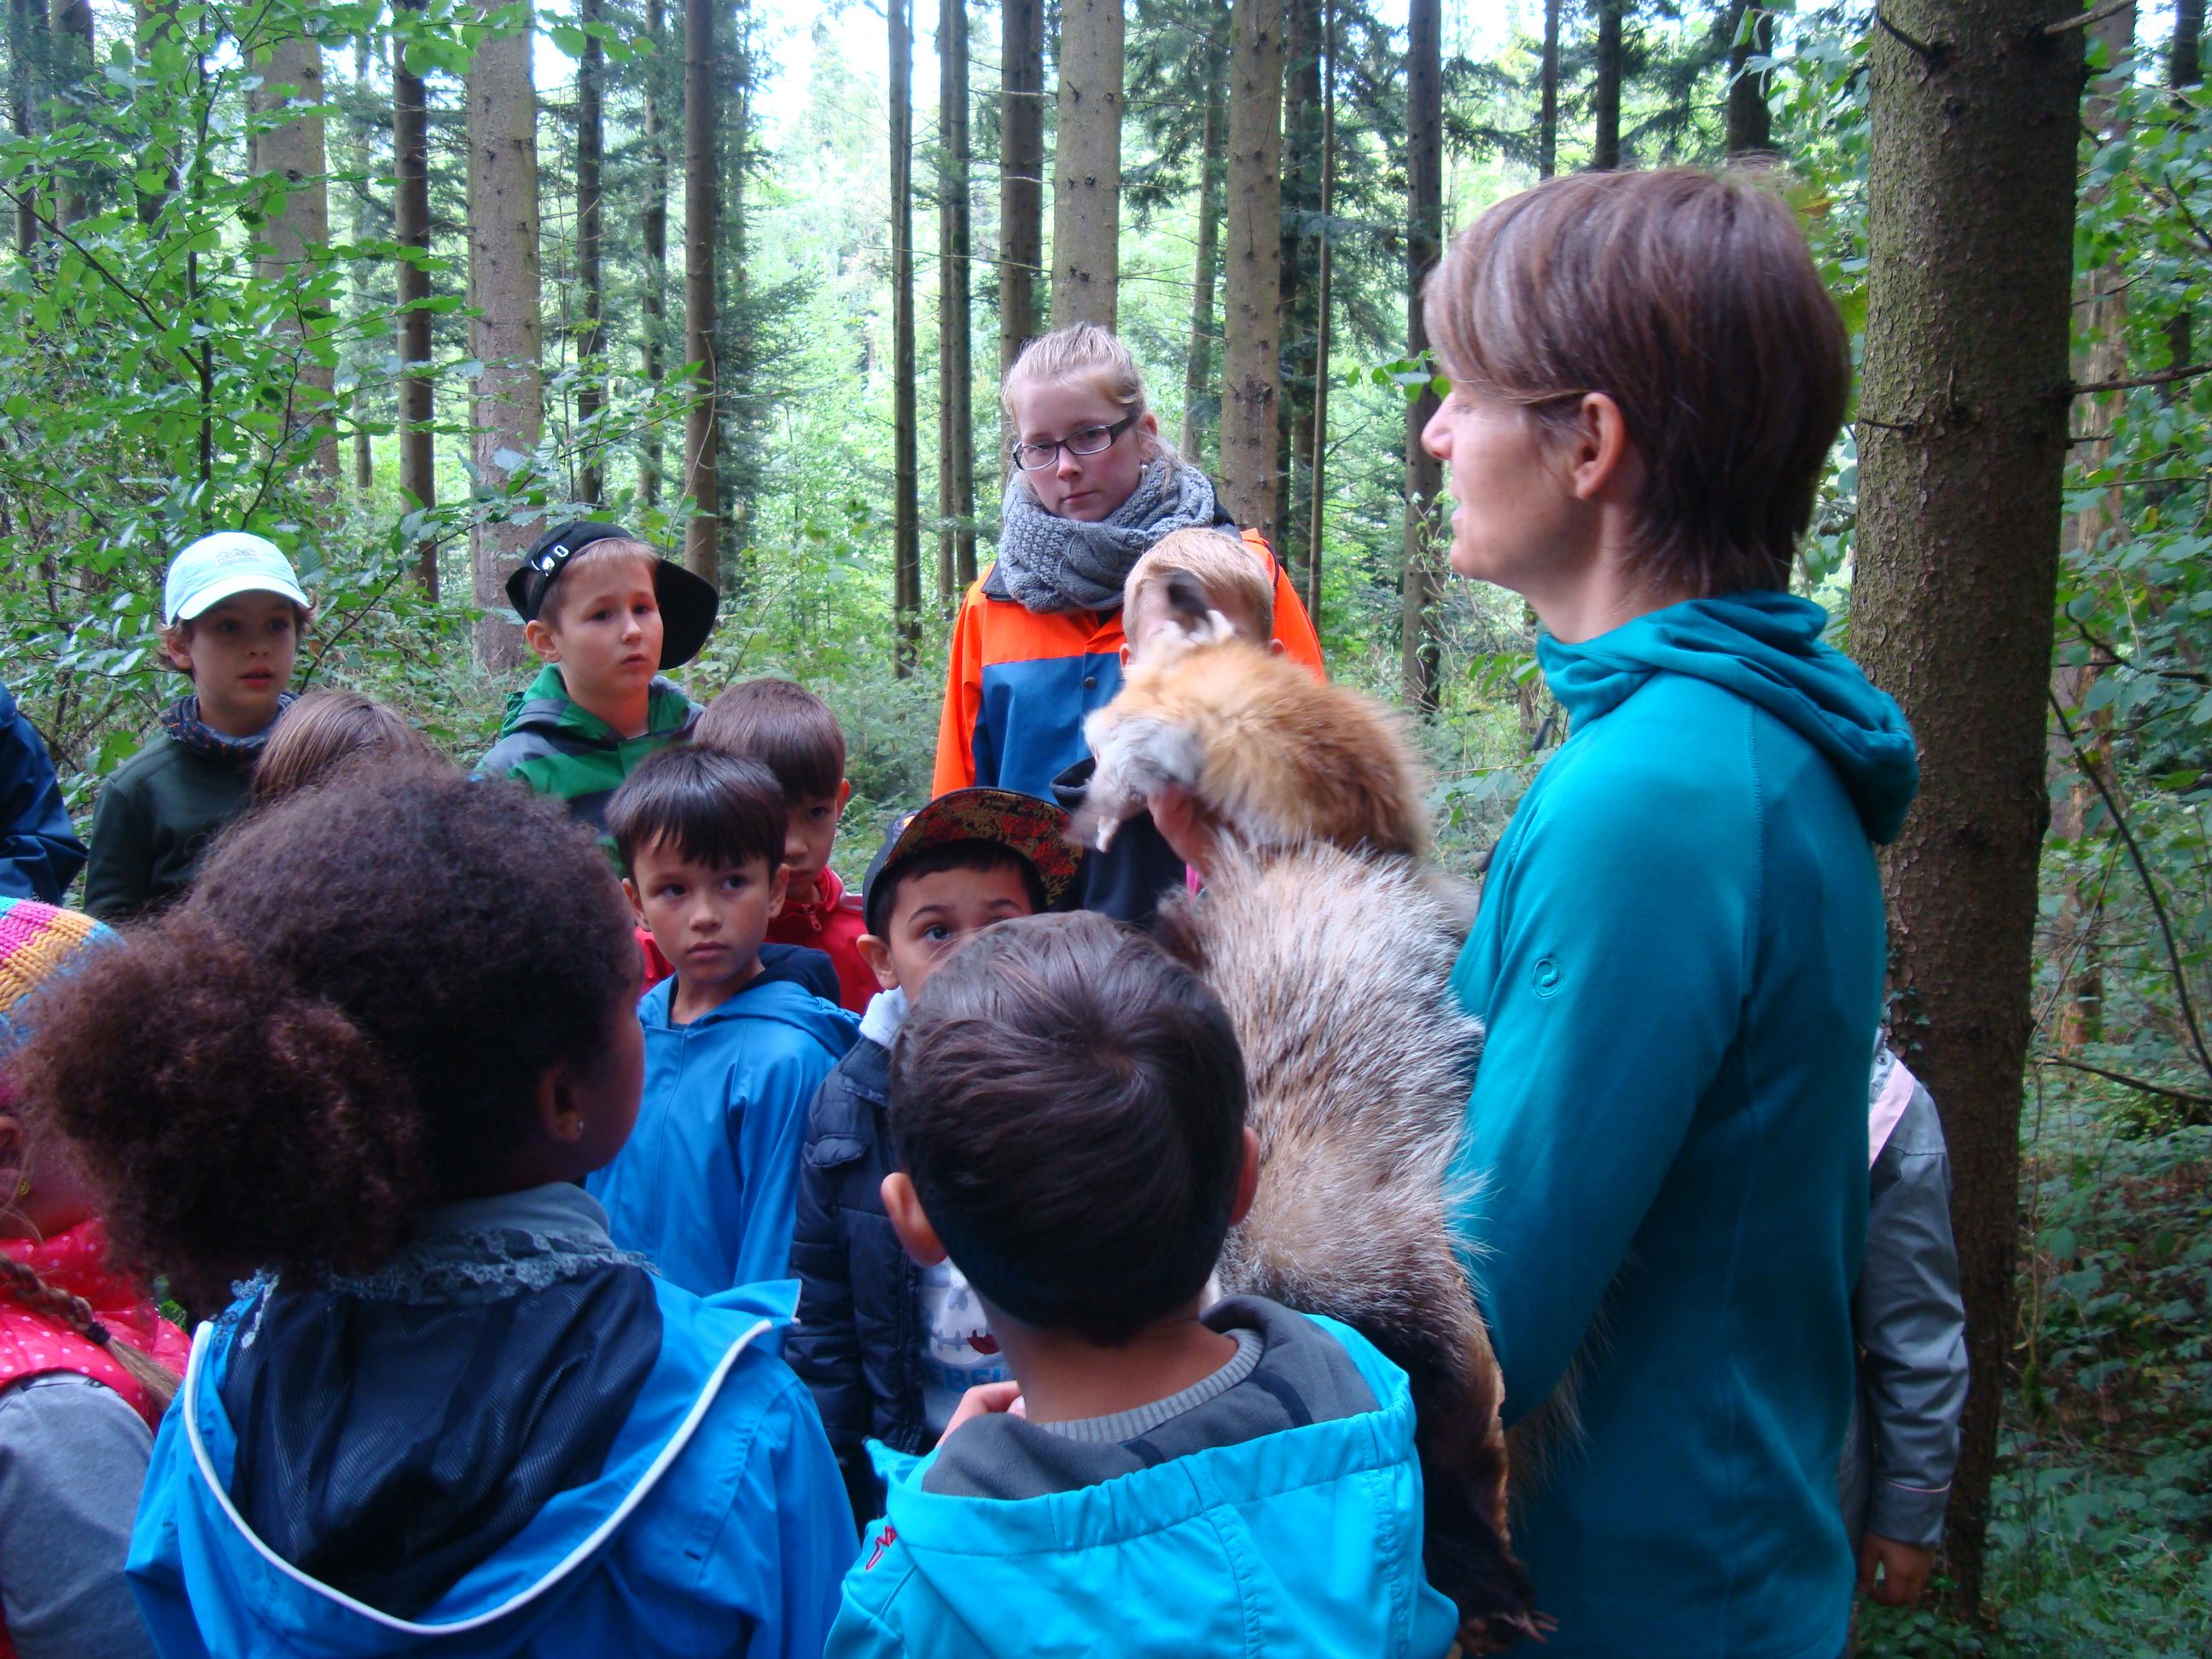 Abenteuer, Wildnis, Bewegung – hier steckt das Potenzial der Waldpädagogik der Zukunft. Bei dem Thema Tierspuren sind die Schüler und Schülerinnen ganz Ohr, wenn Nicole Schwery ihnen ein Fuchsfell, Trittsiegel oder Fuchsbau zeigt